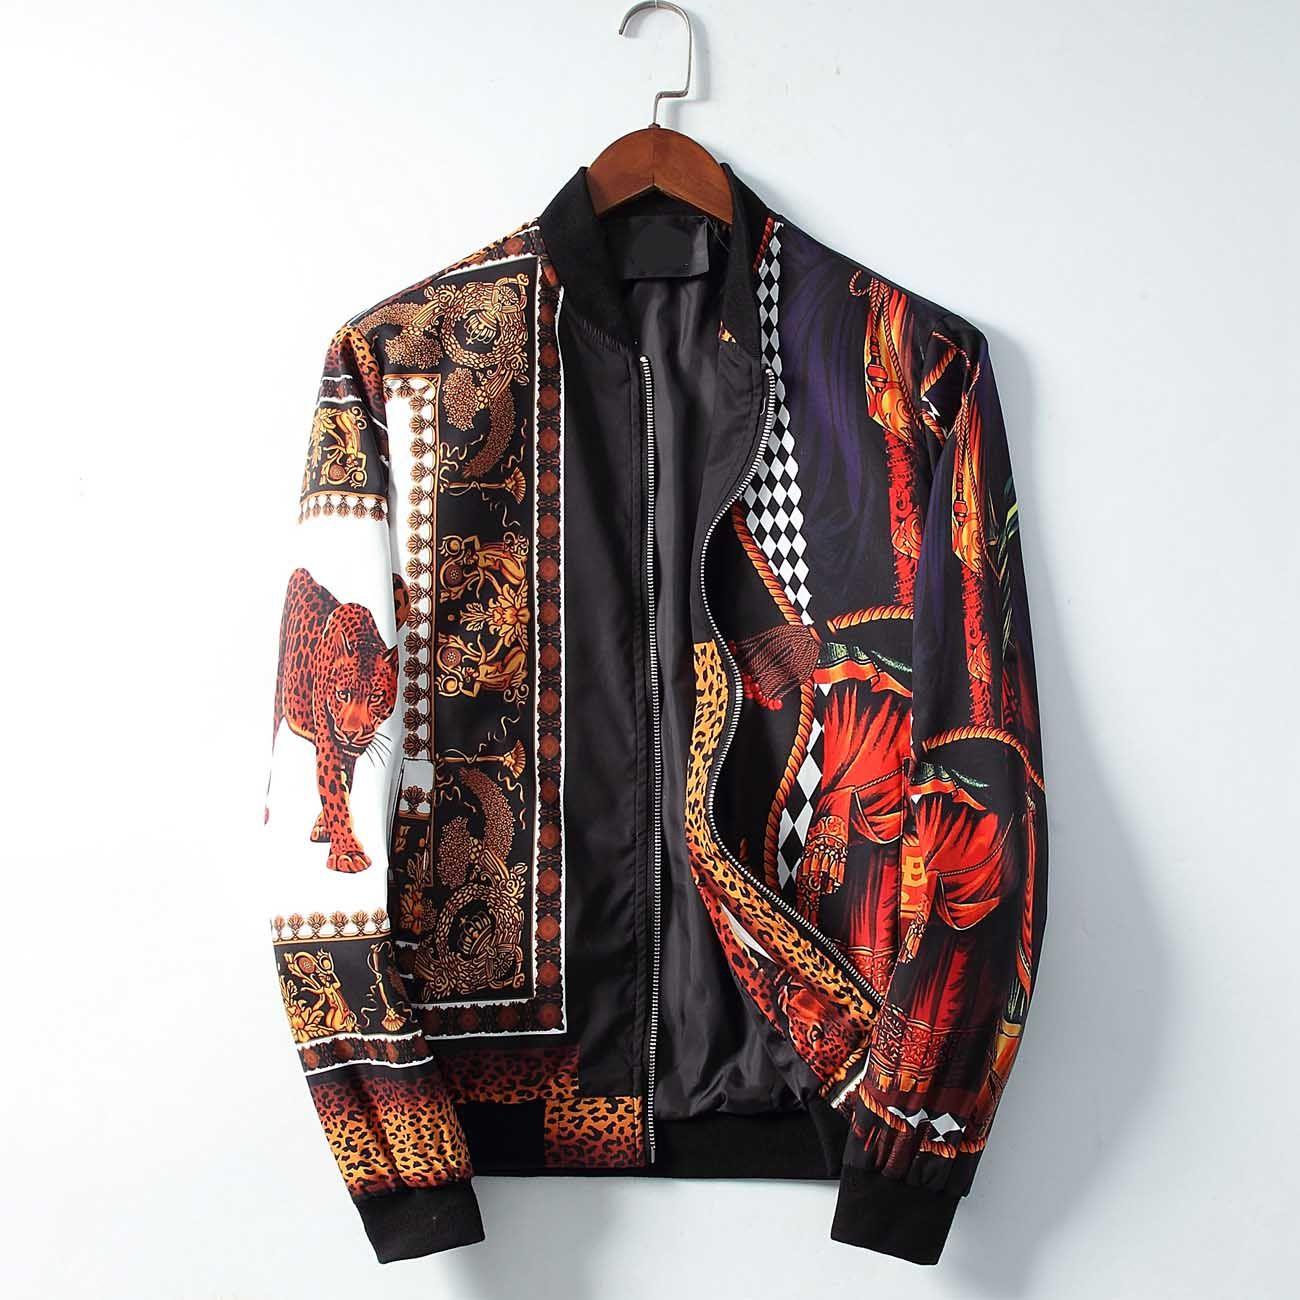 Ünlü moda yeni erkek ceket rahat kaliteli erkek ceket gündelik spor ceket 2020 tasarımcı